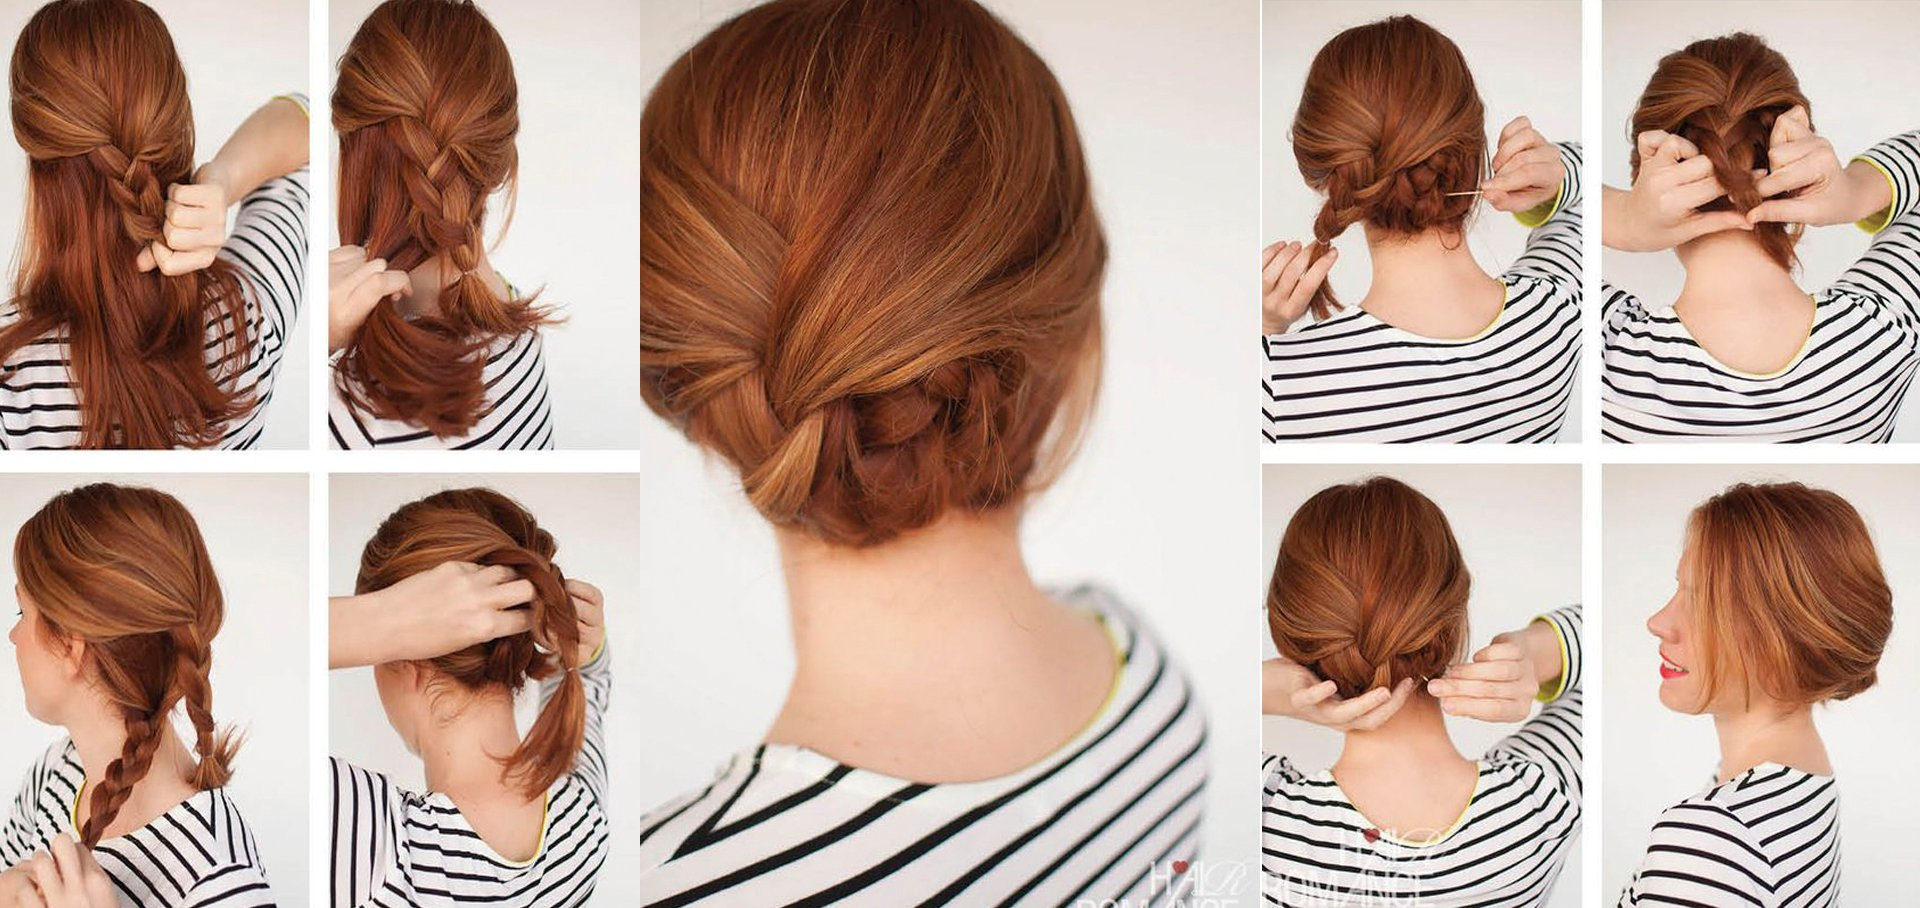 tutorial de peinados chica con un chongo bajo de trenza